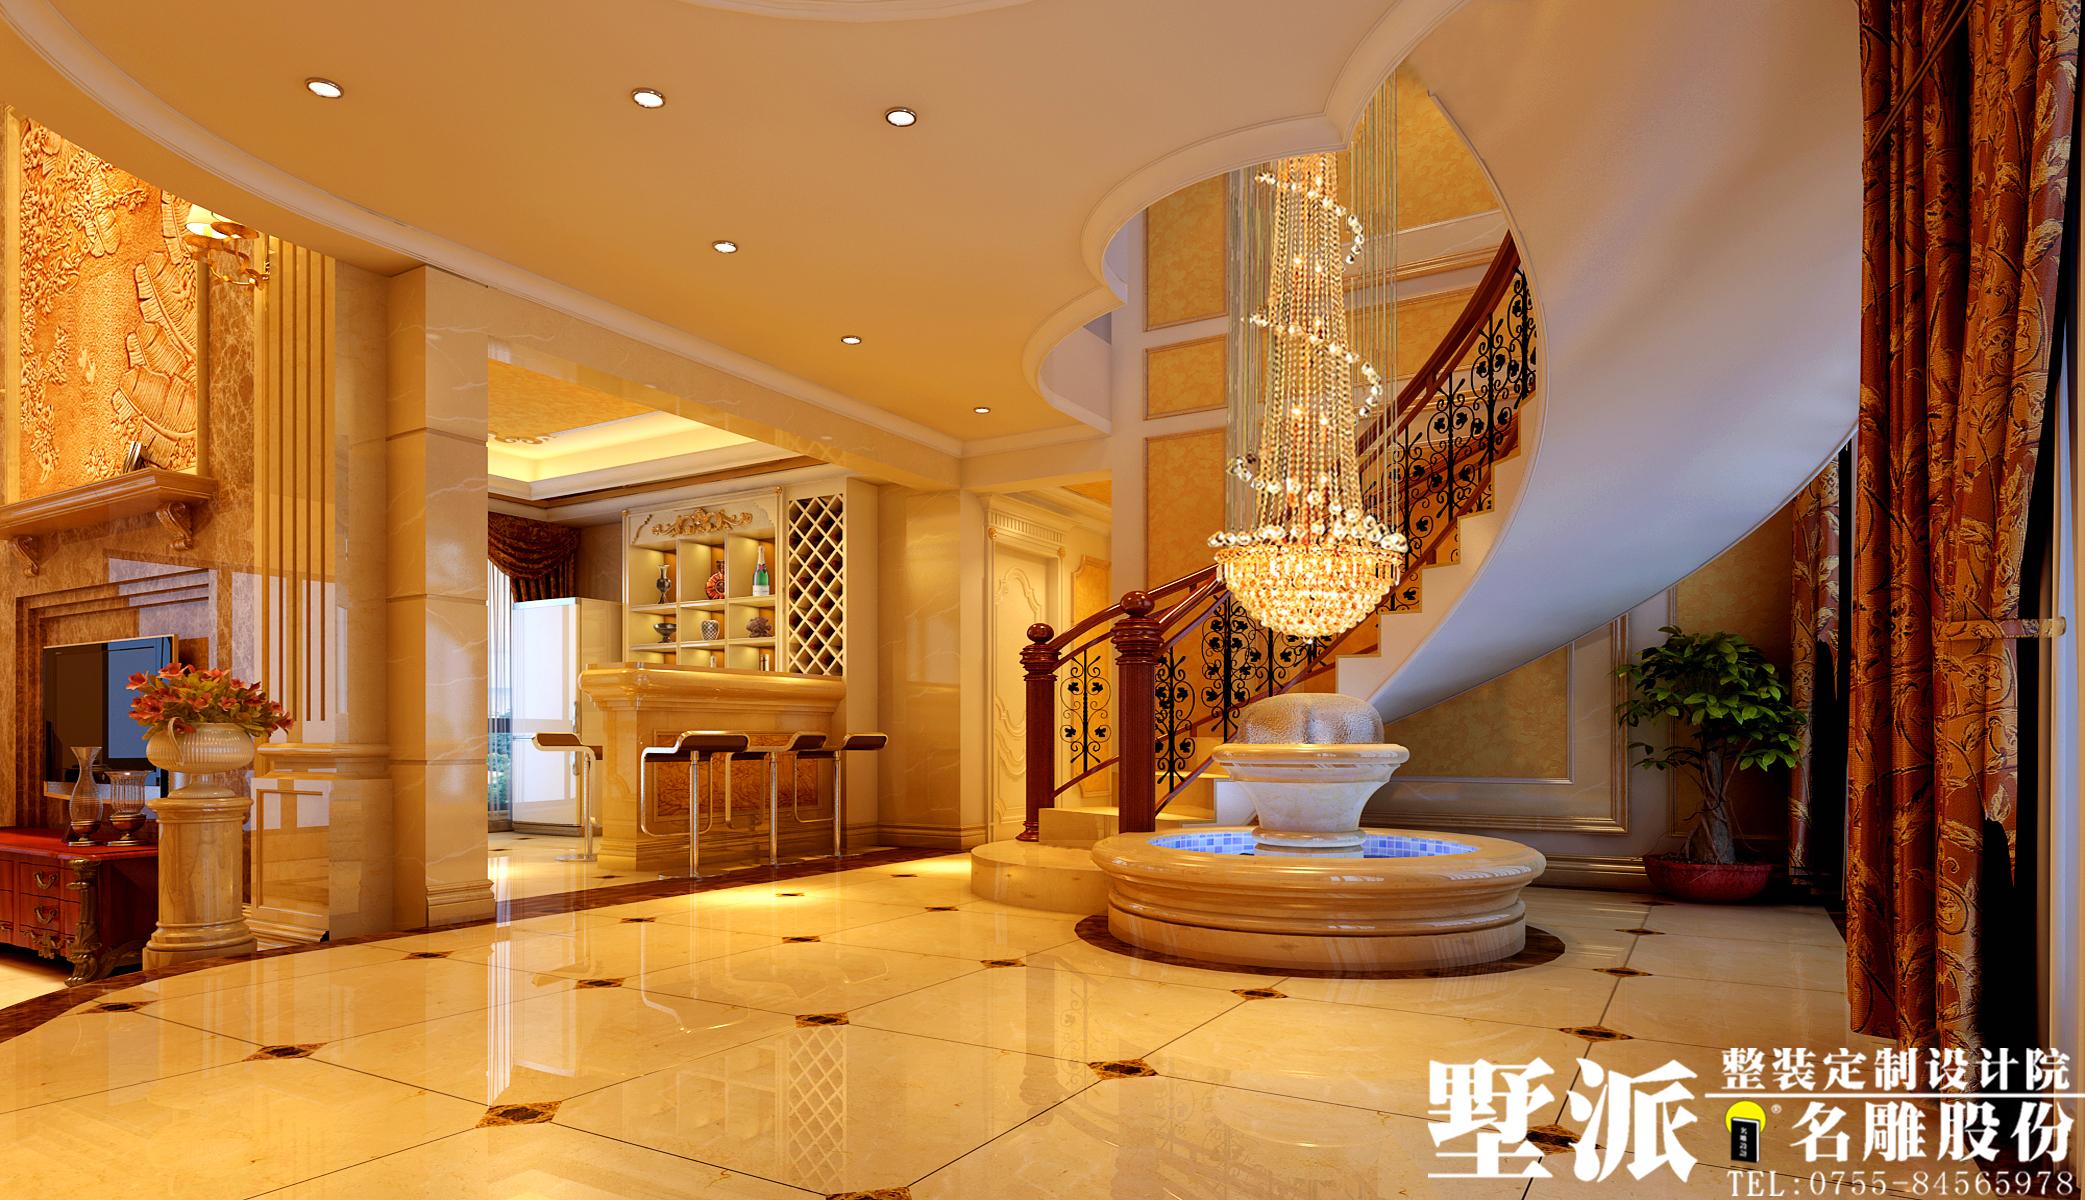 欧式 别墅 别墅装修 整装定制 高端装修 别墅设计 名雕装饰 楼梯图片来自广州名雕装饰在公园大地别墅整装定制设计的分享